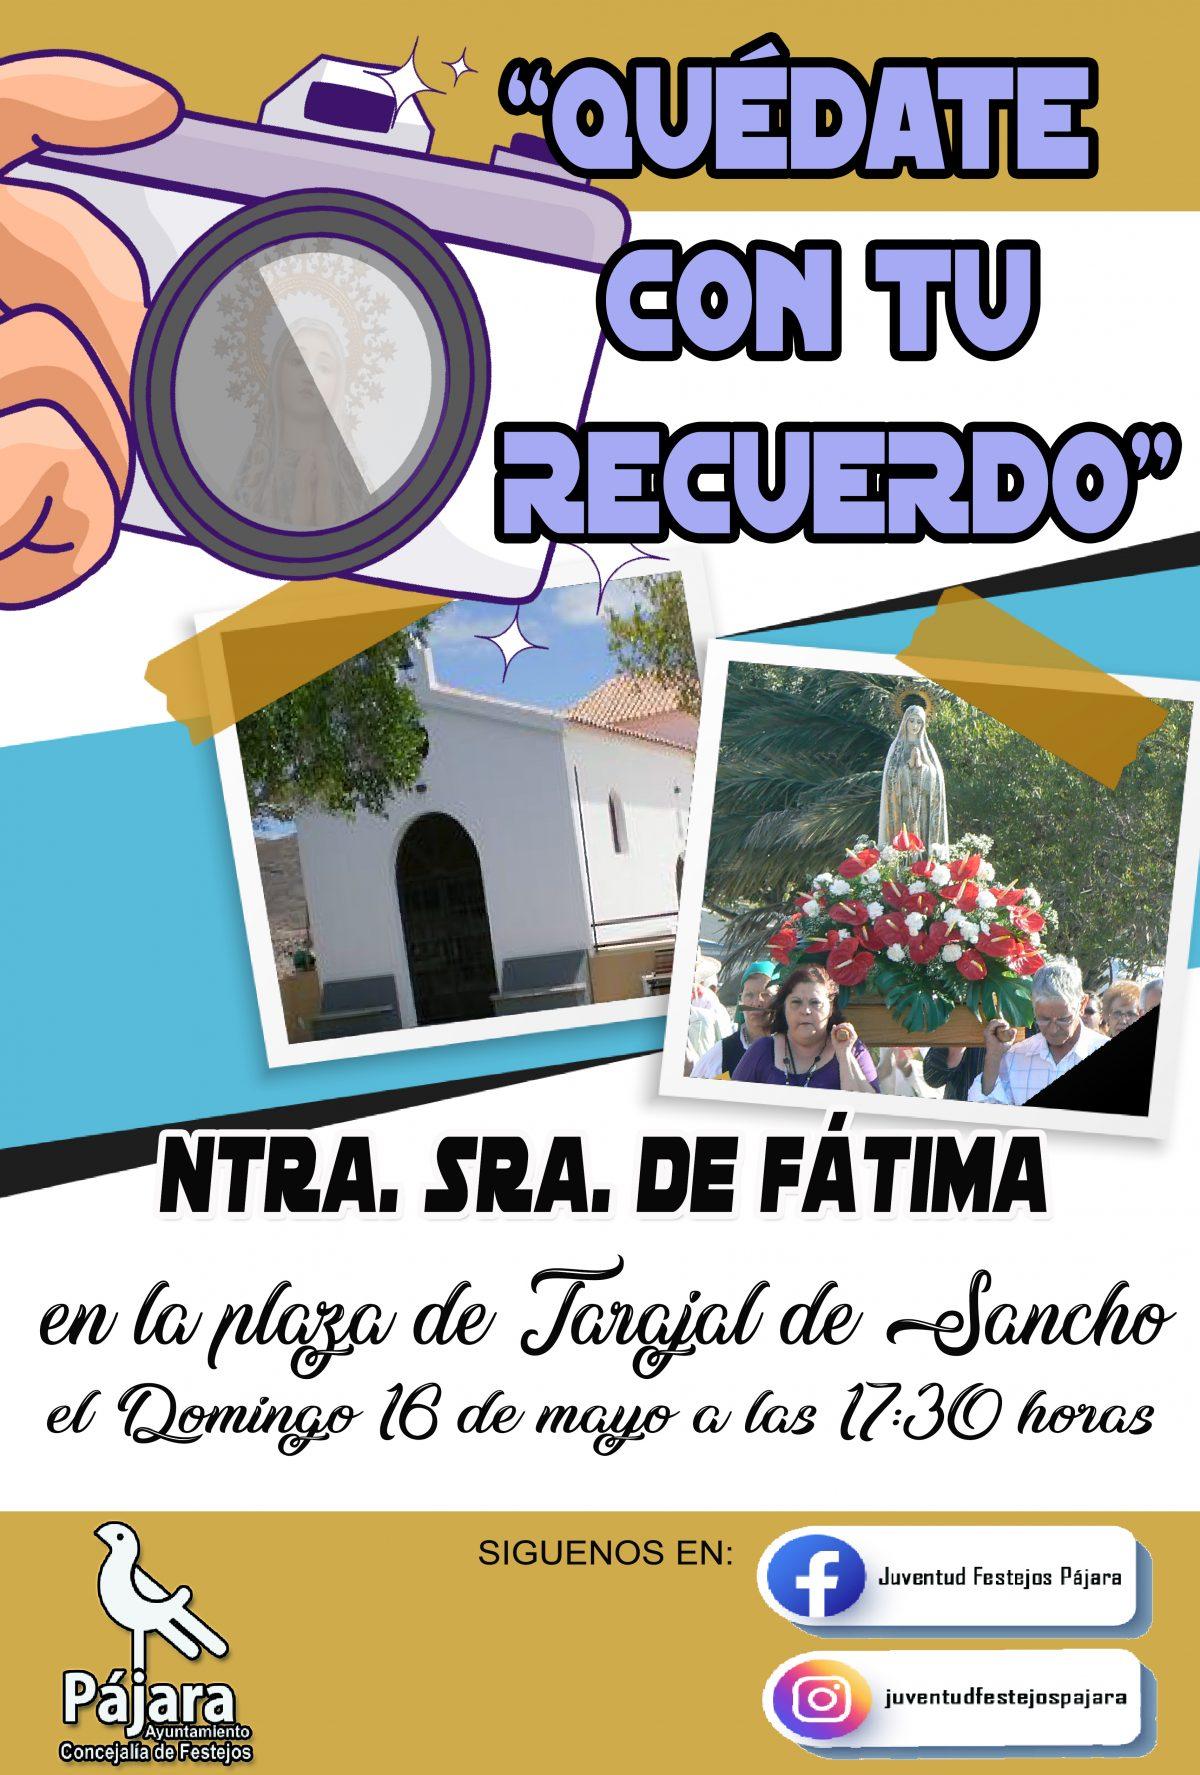 'Pronto volveremos a lo nuestro', vídeo de la conmemoración de Ntra. Sra. de Fátima 2021